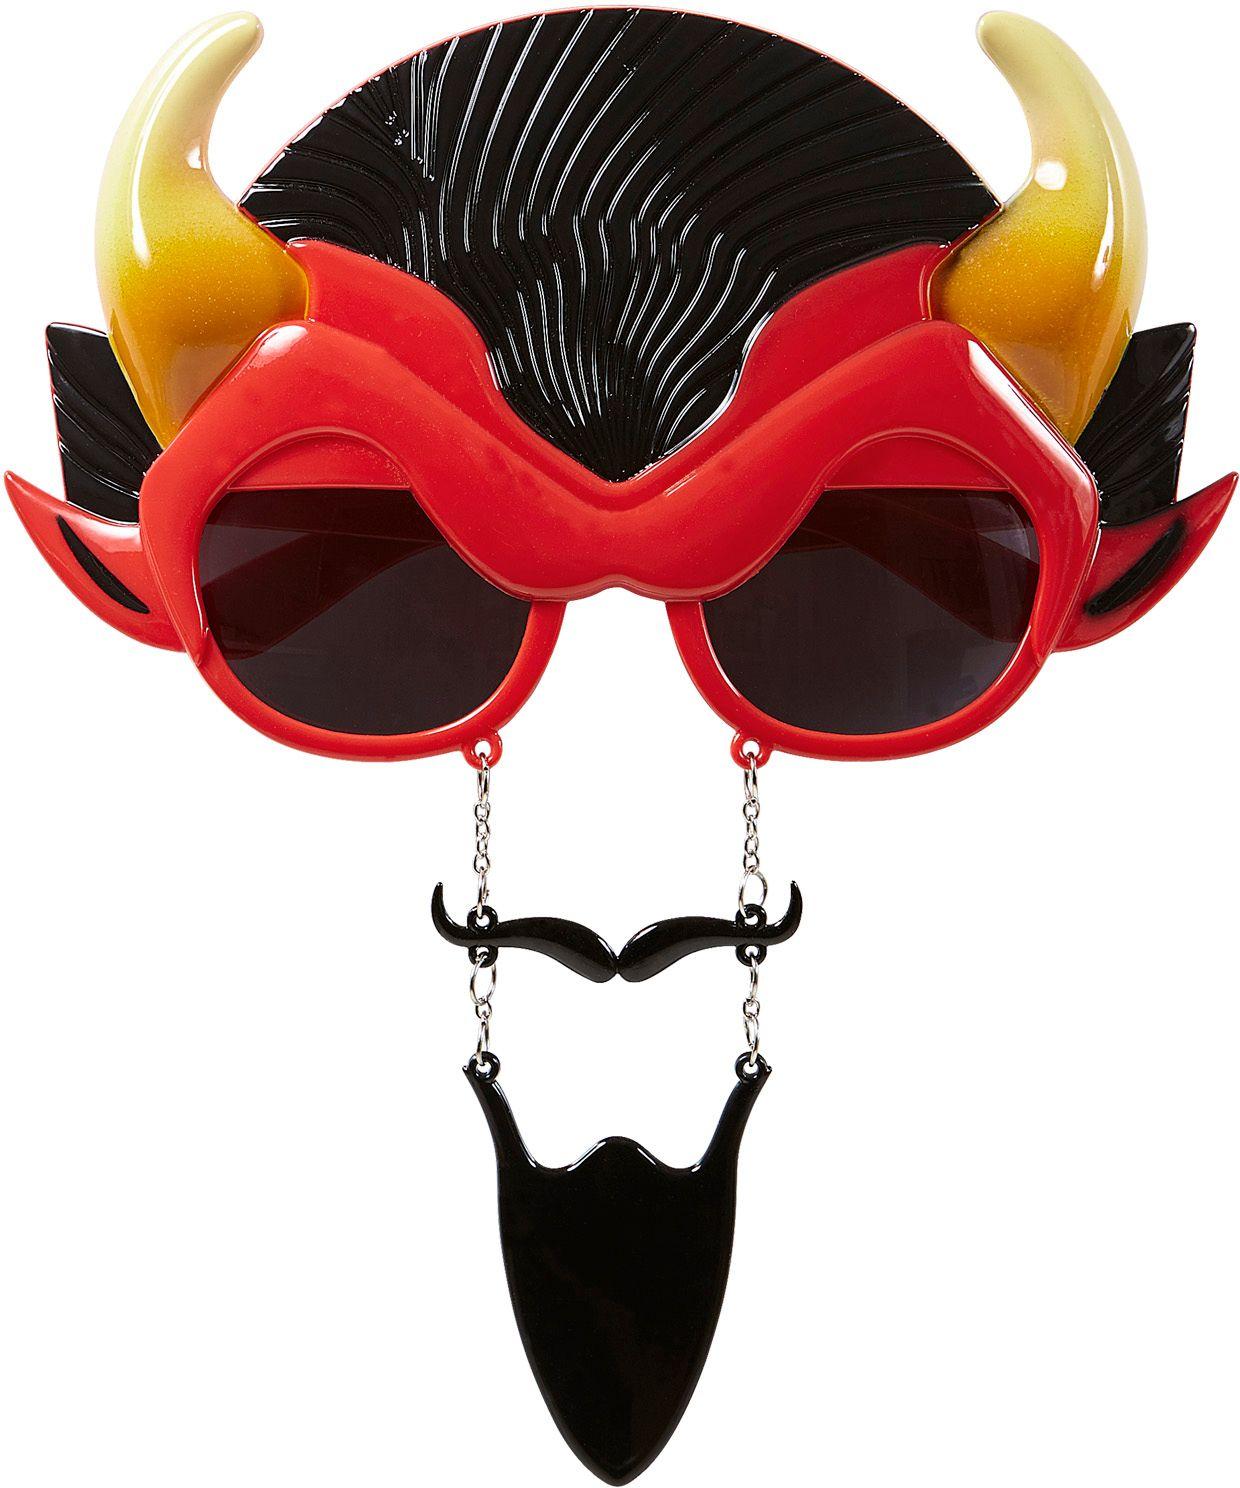 Duivel bril met snor en sik